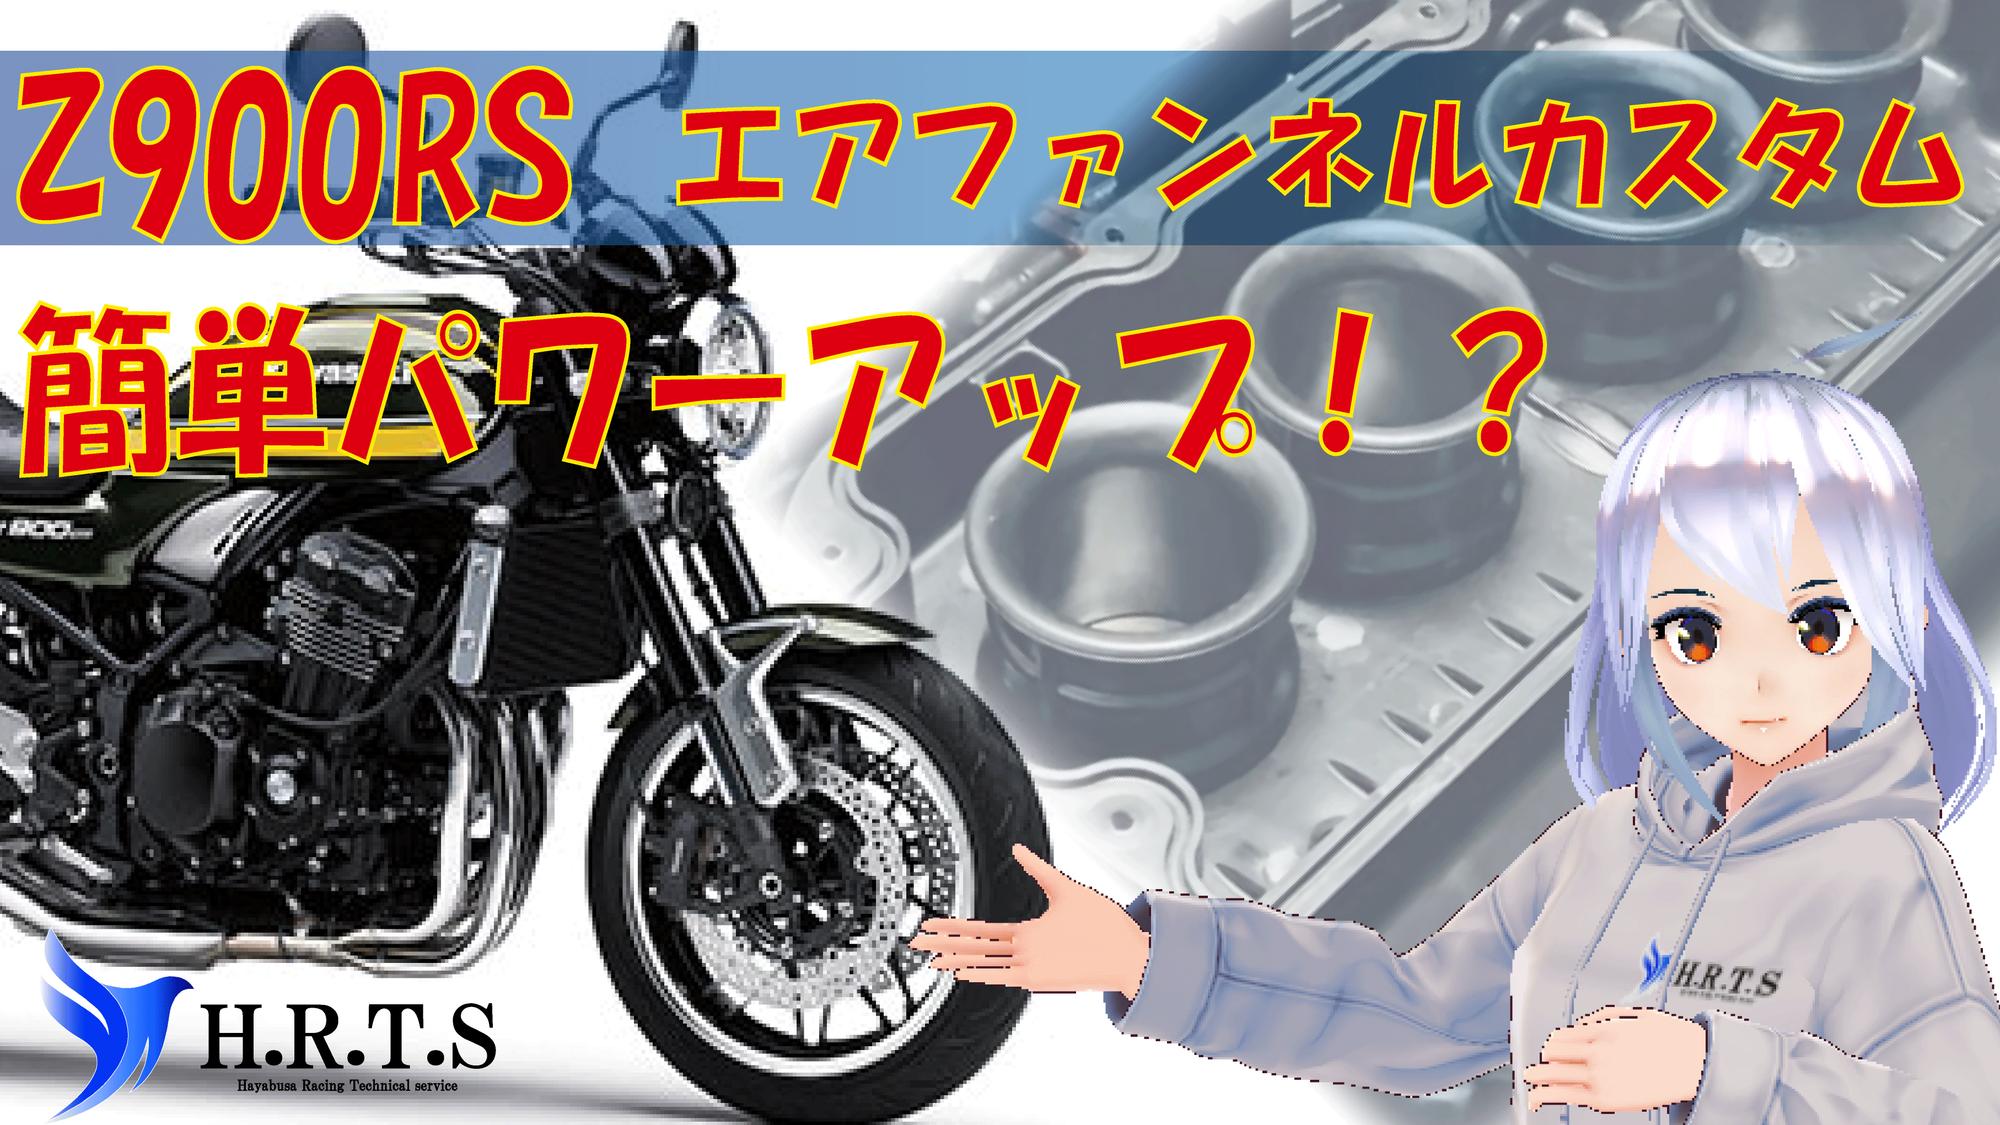 【Z900RS エアファンネルカスタム】